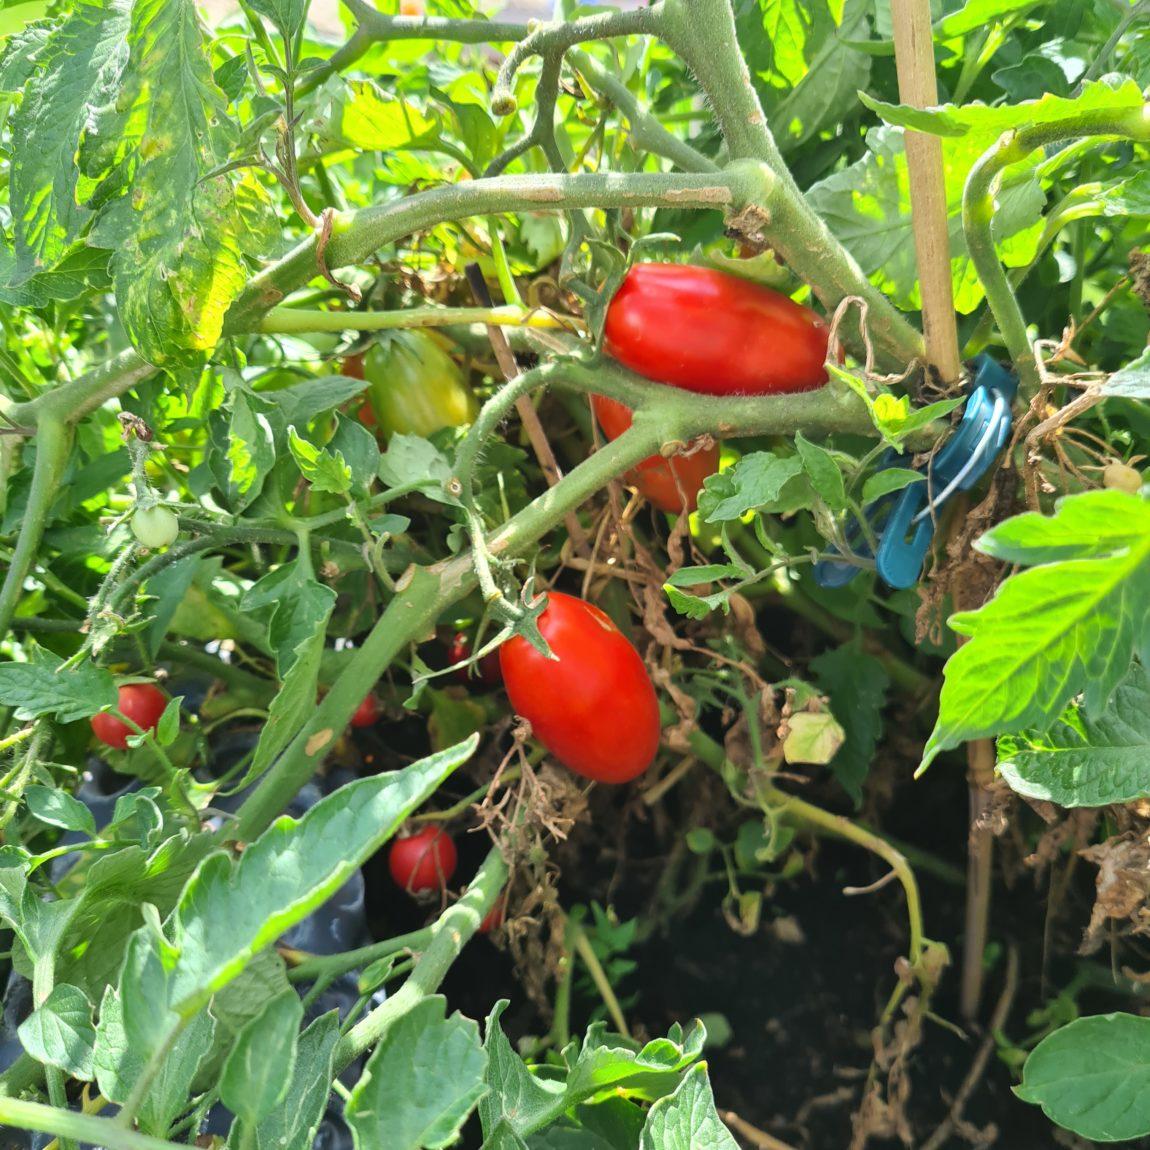 Den Tomaten gefällt das (sie werden gleich gepflückt).